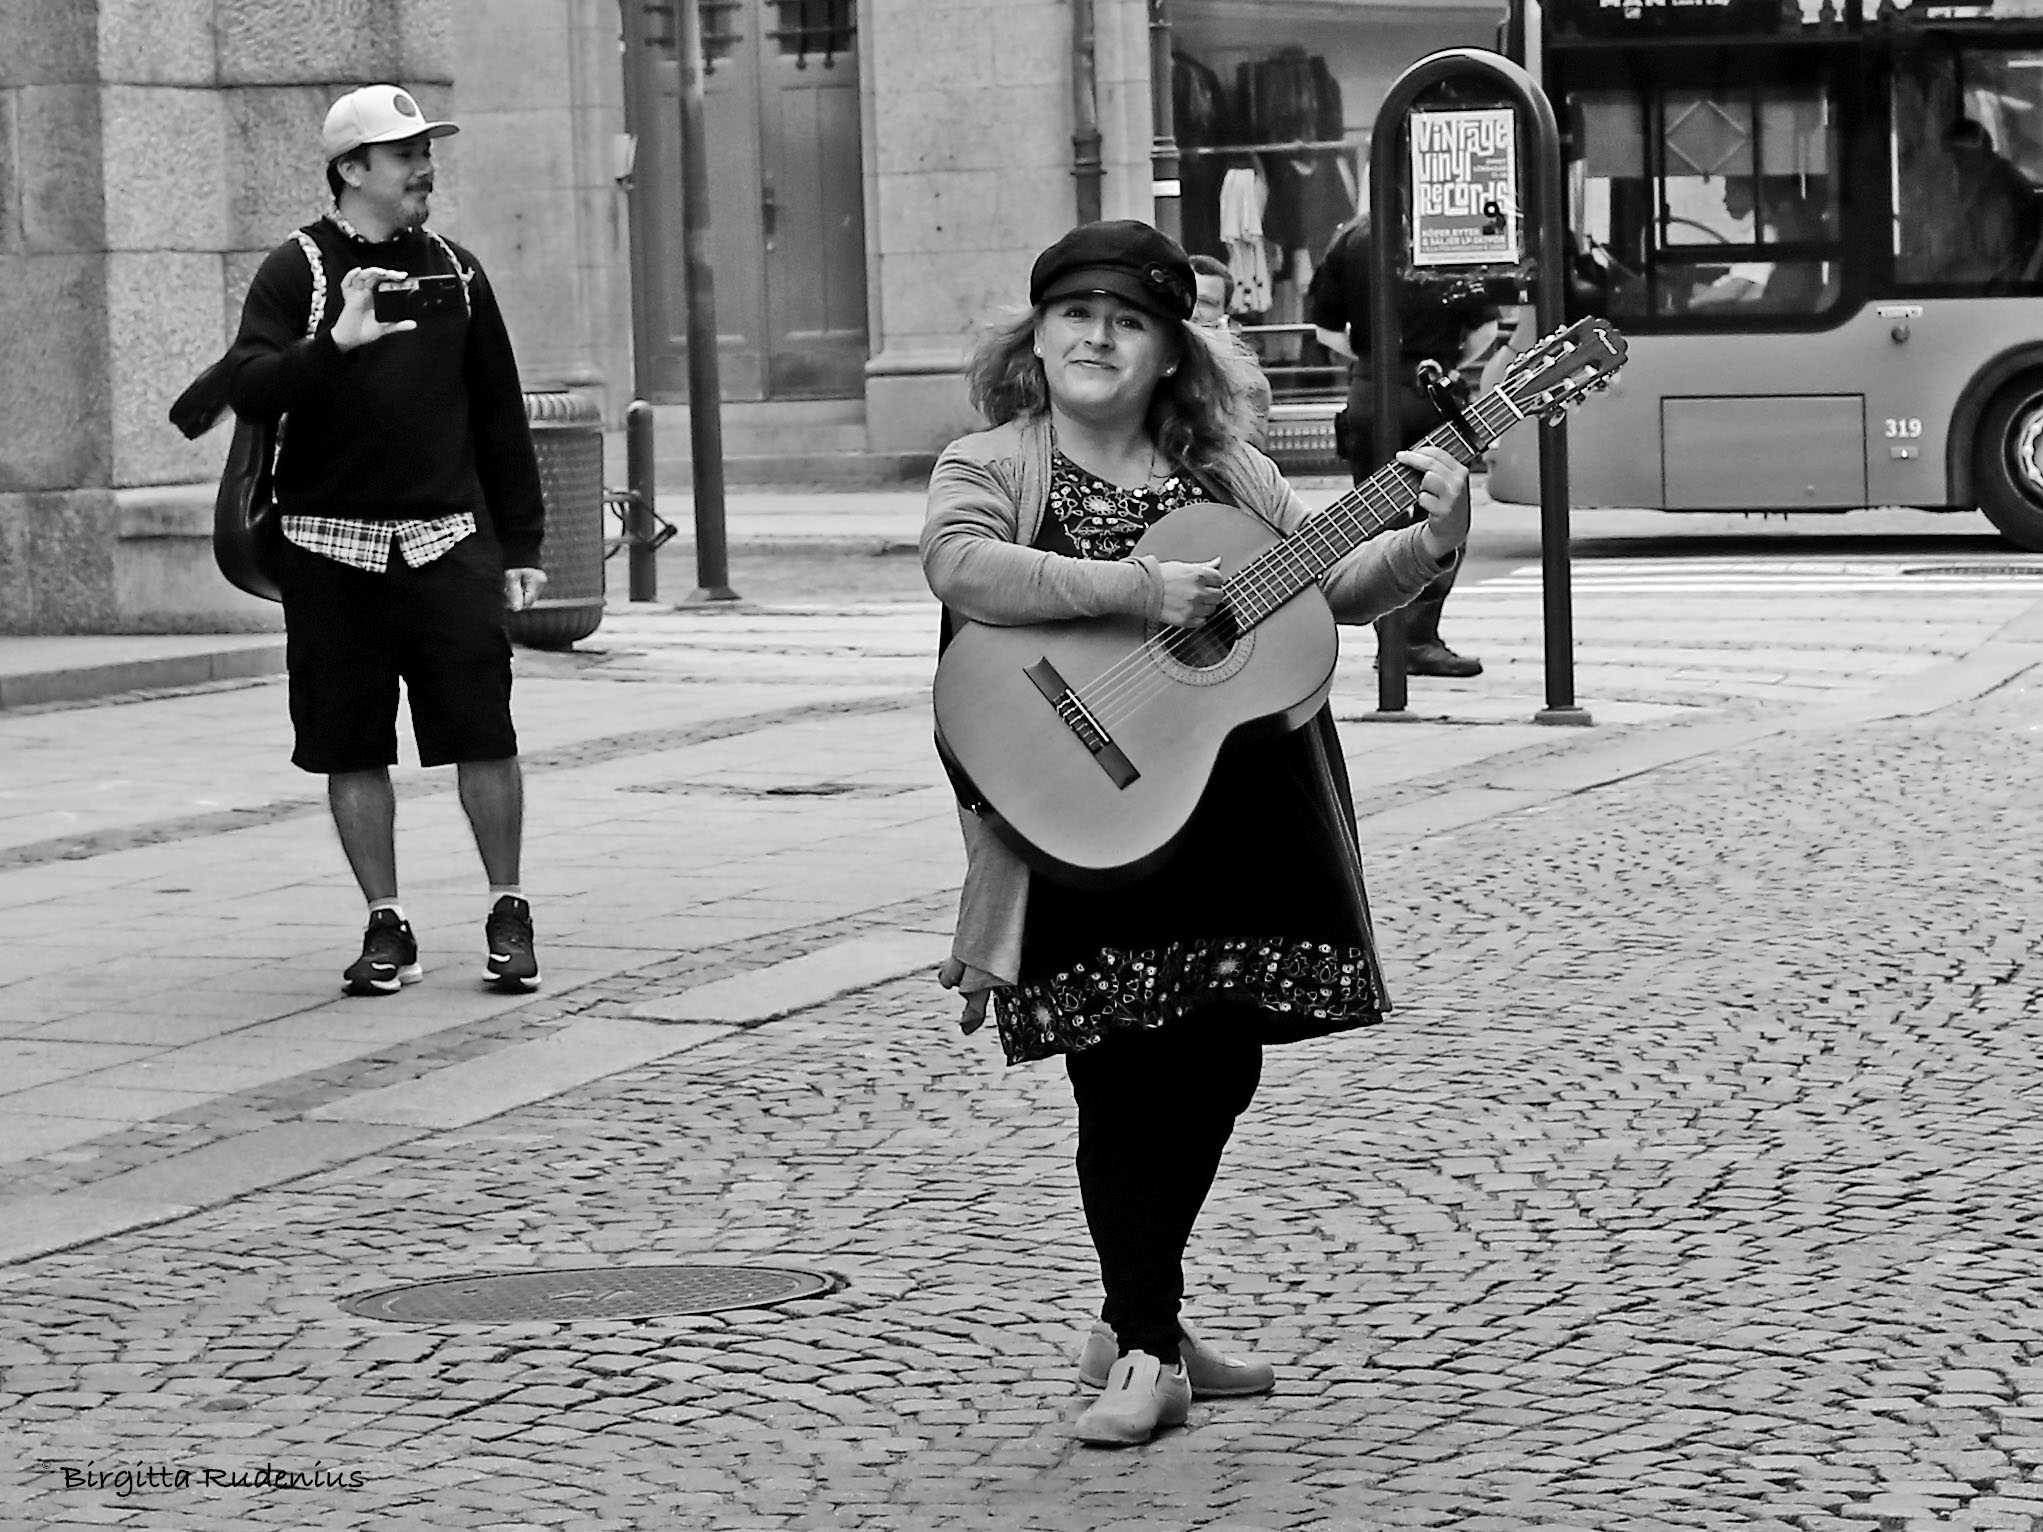 Music lady Street life © Birgitta Rudenius